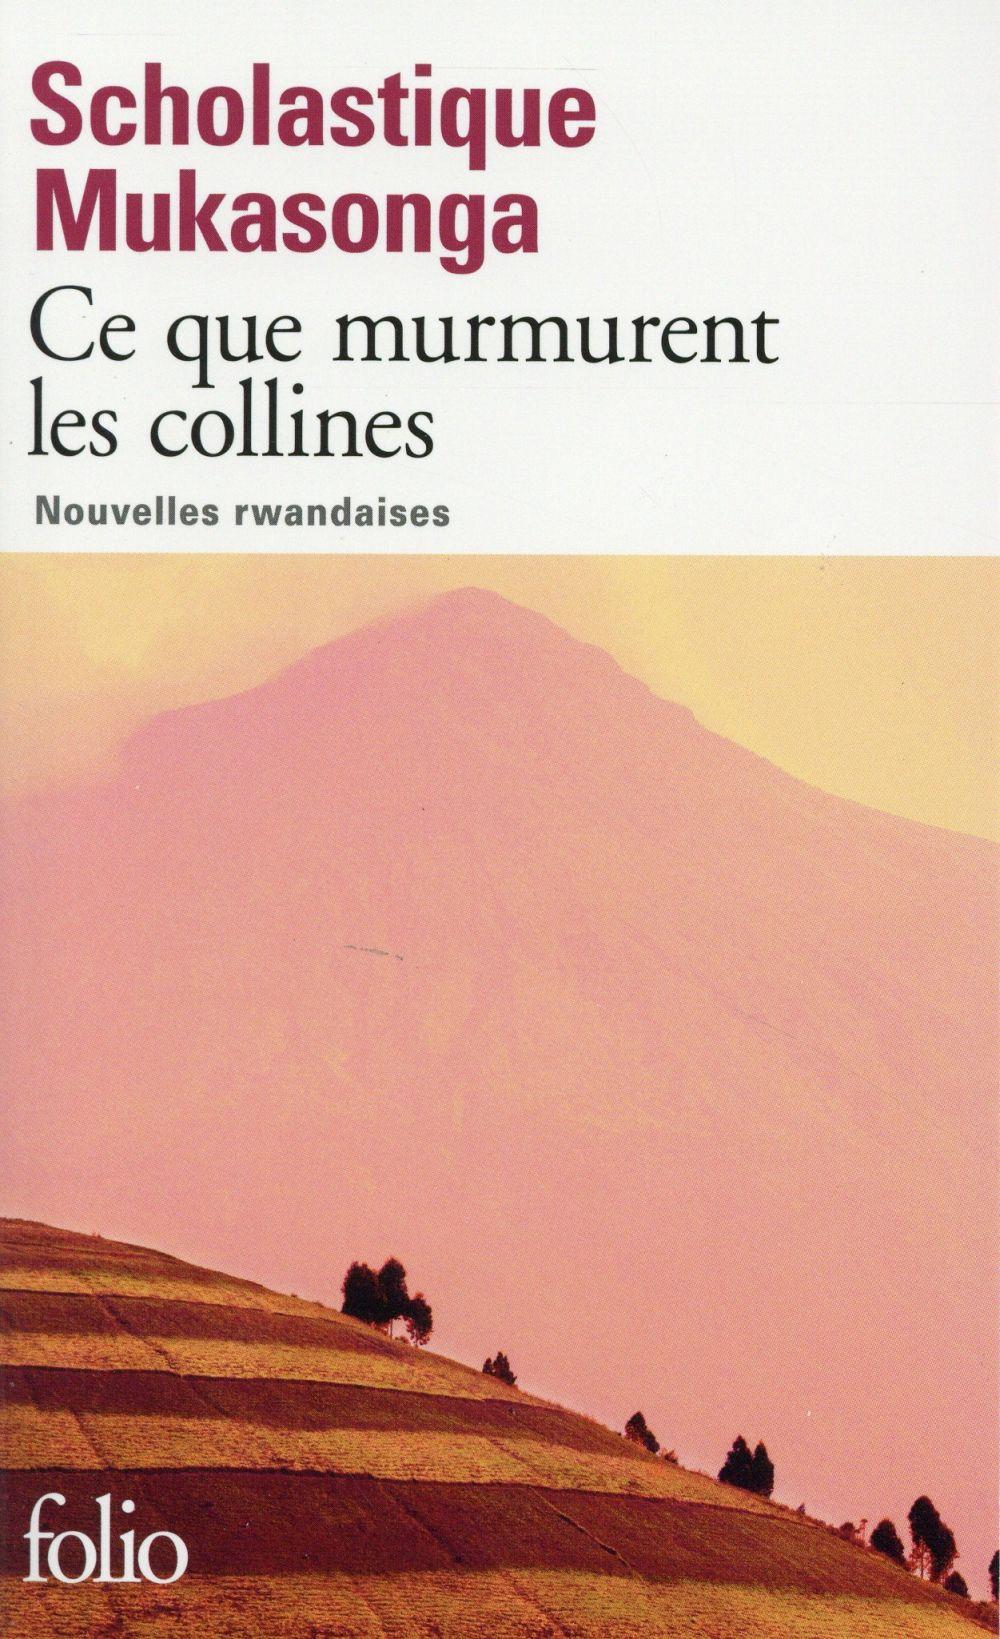 CE QUE MURMURENT LES COLLINES - NOUVELLES RWANDAISES